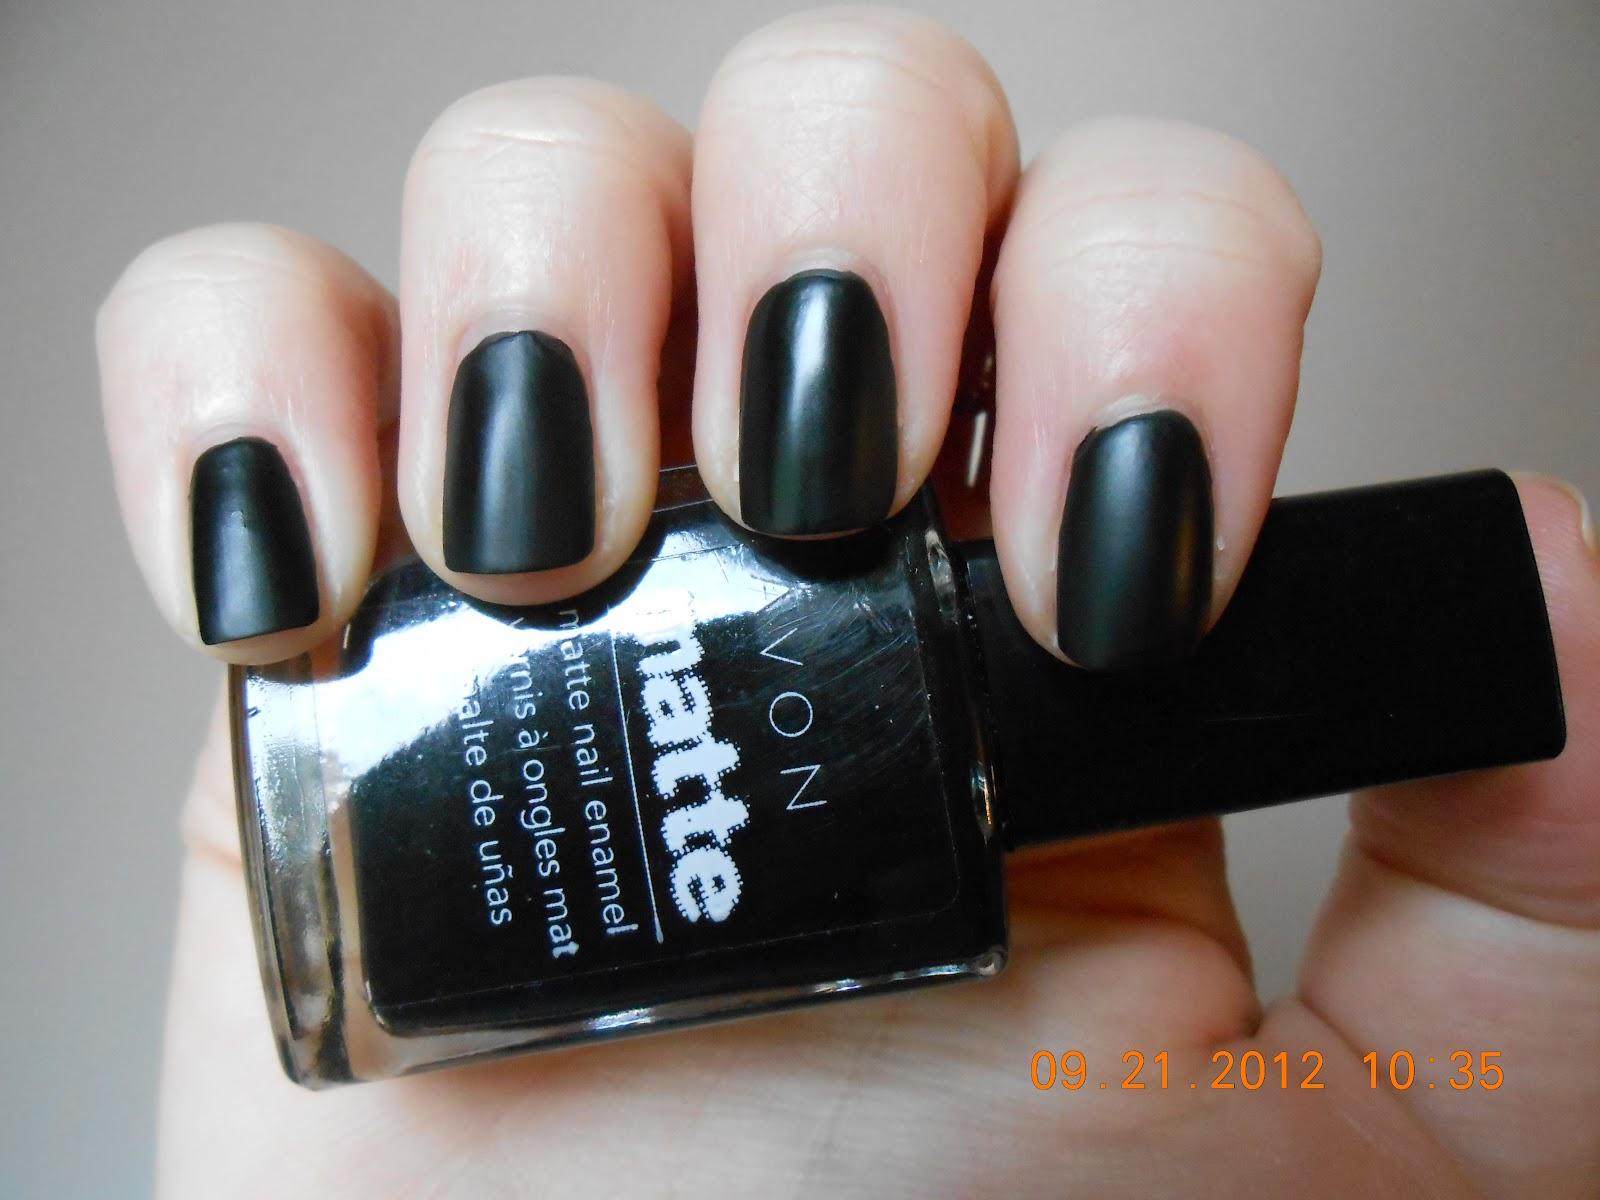 Avon Matte Black Nail Polish - Absolute cycle